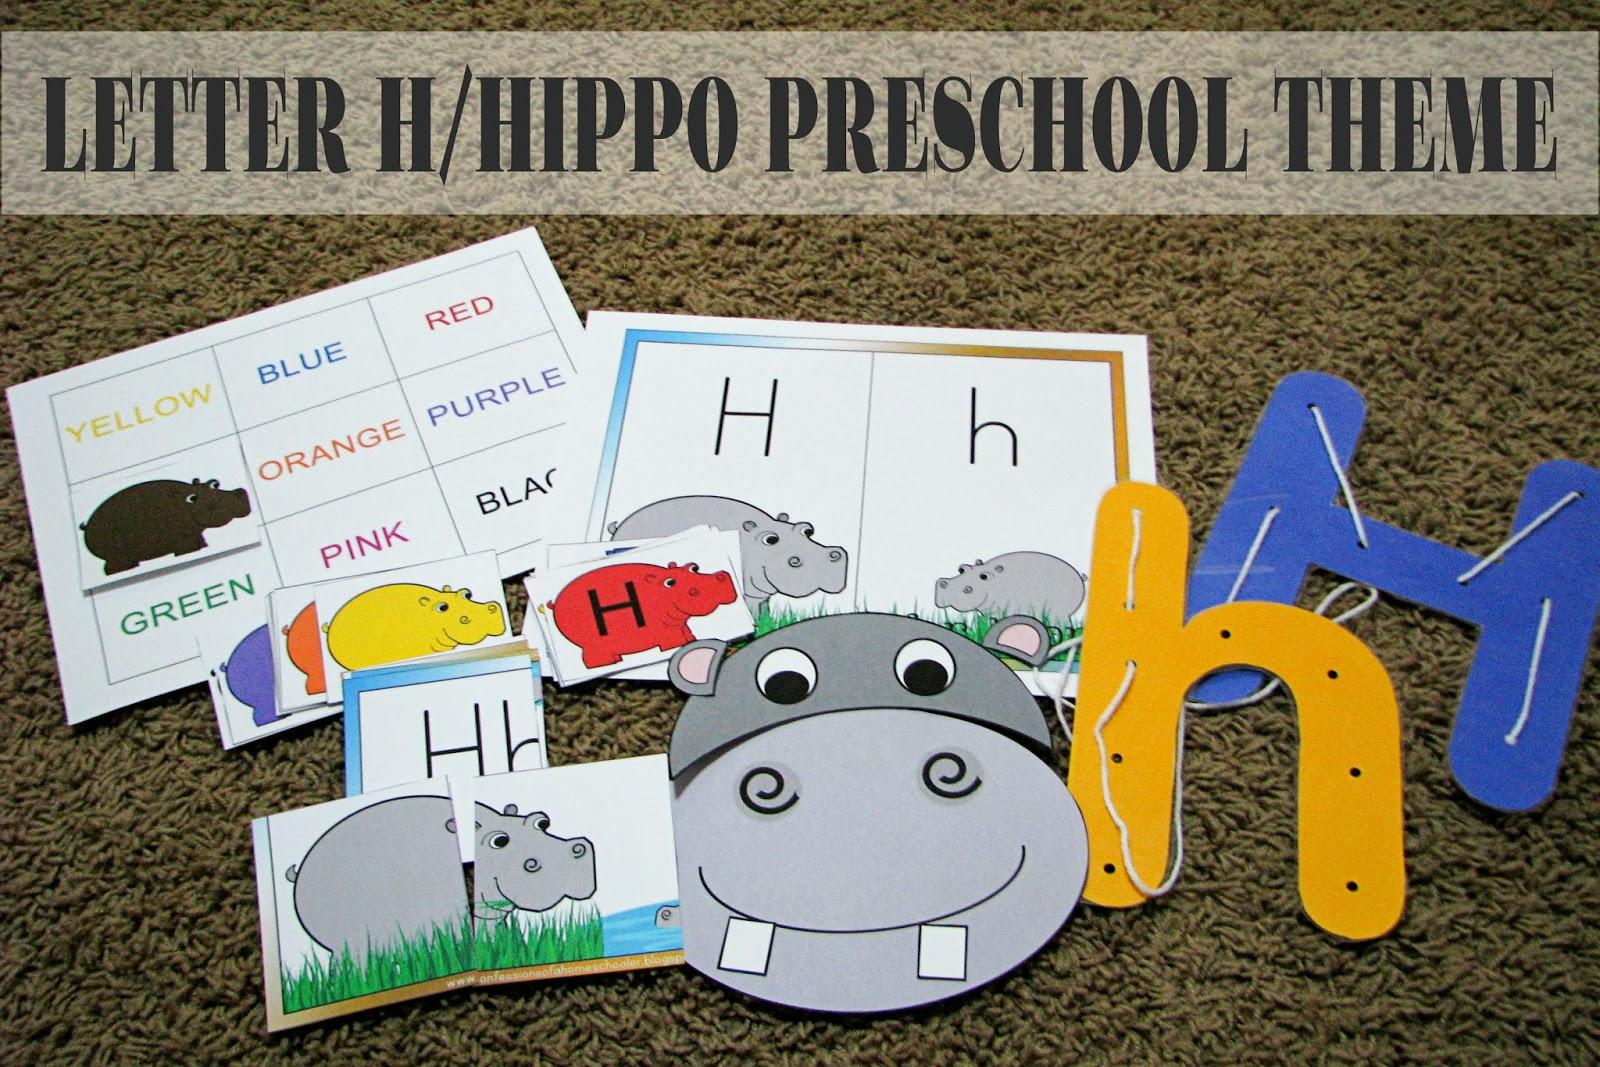 Mommy S Little Helper Letter H Hippo Preschool Theme